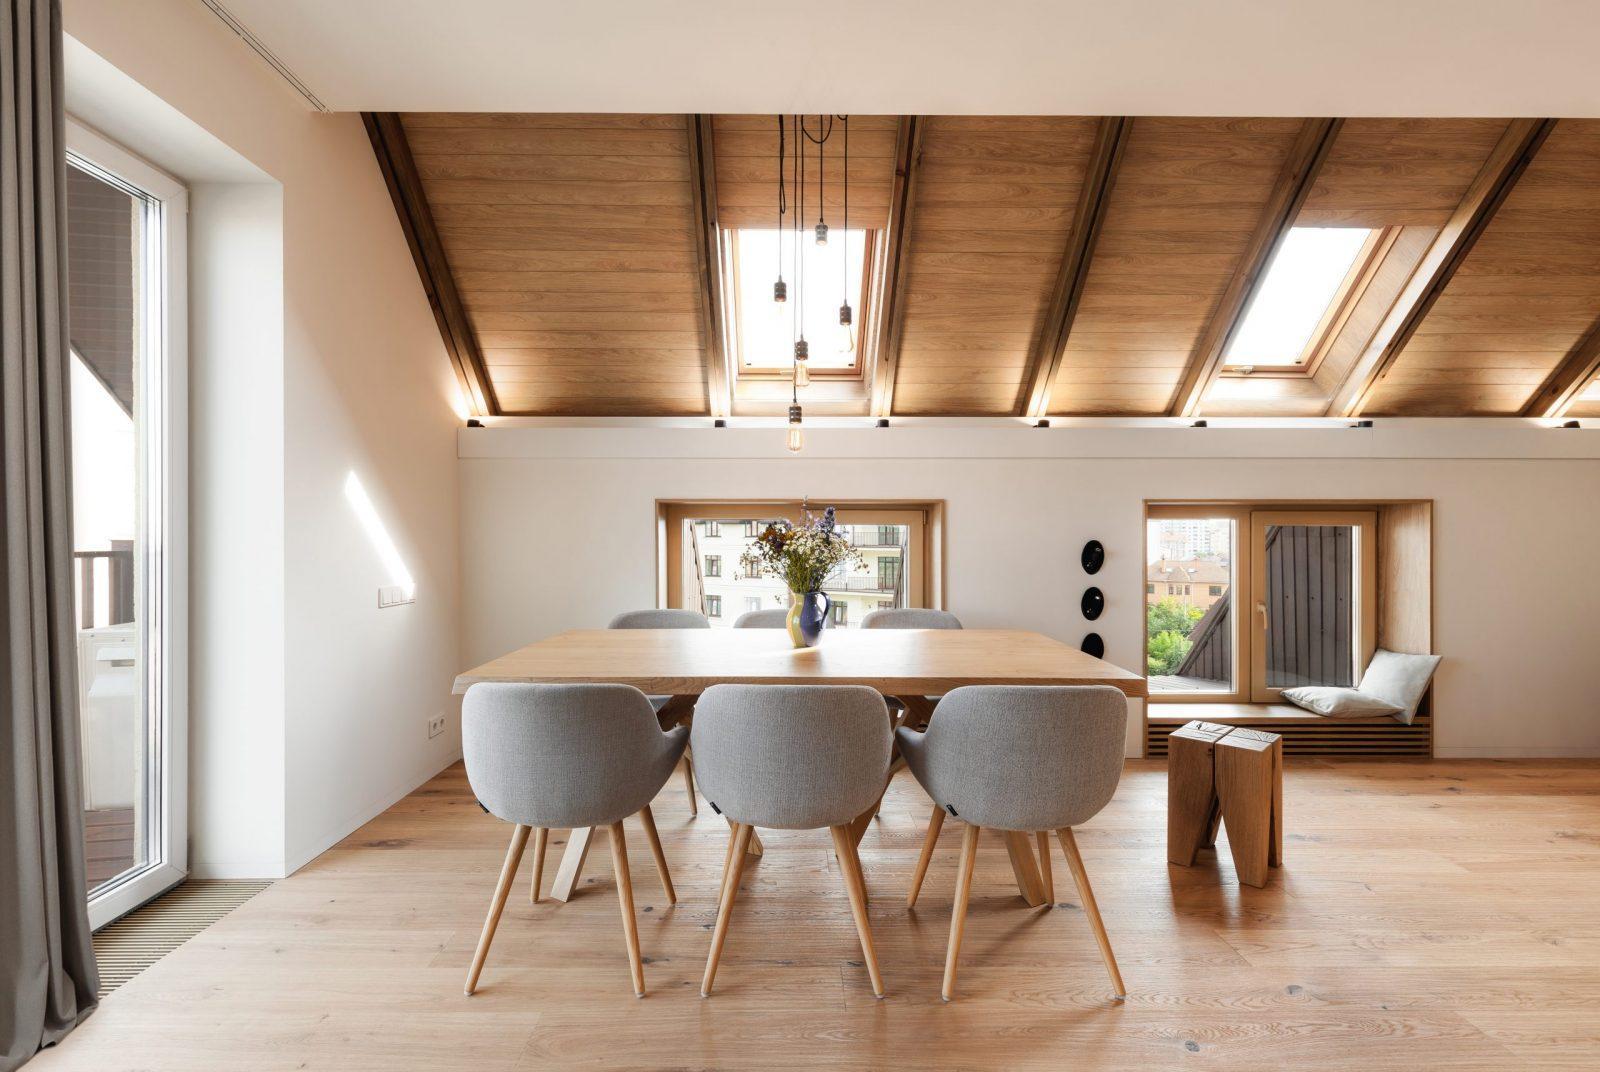 дизайна интерьера квартиры